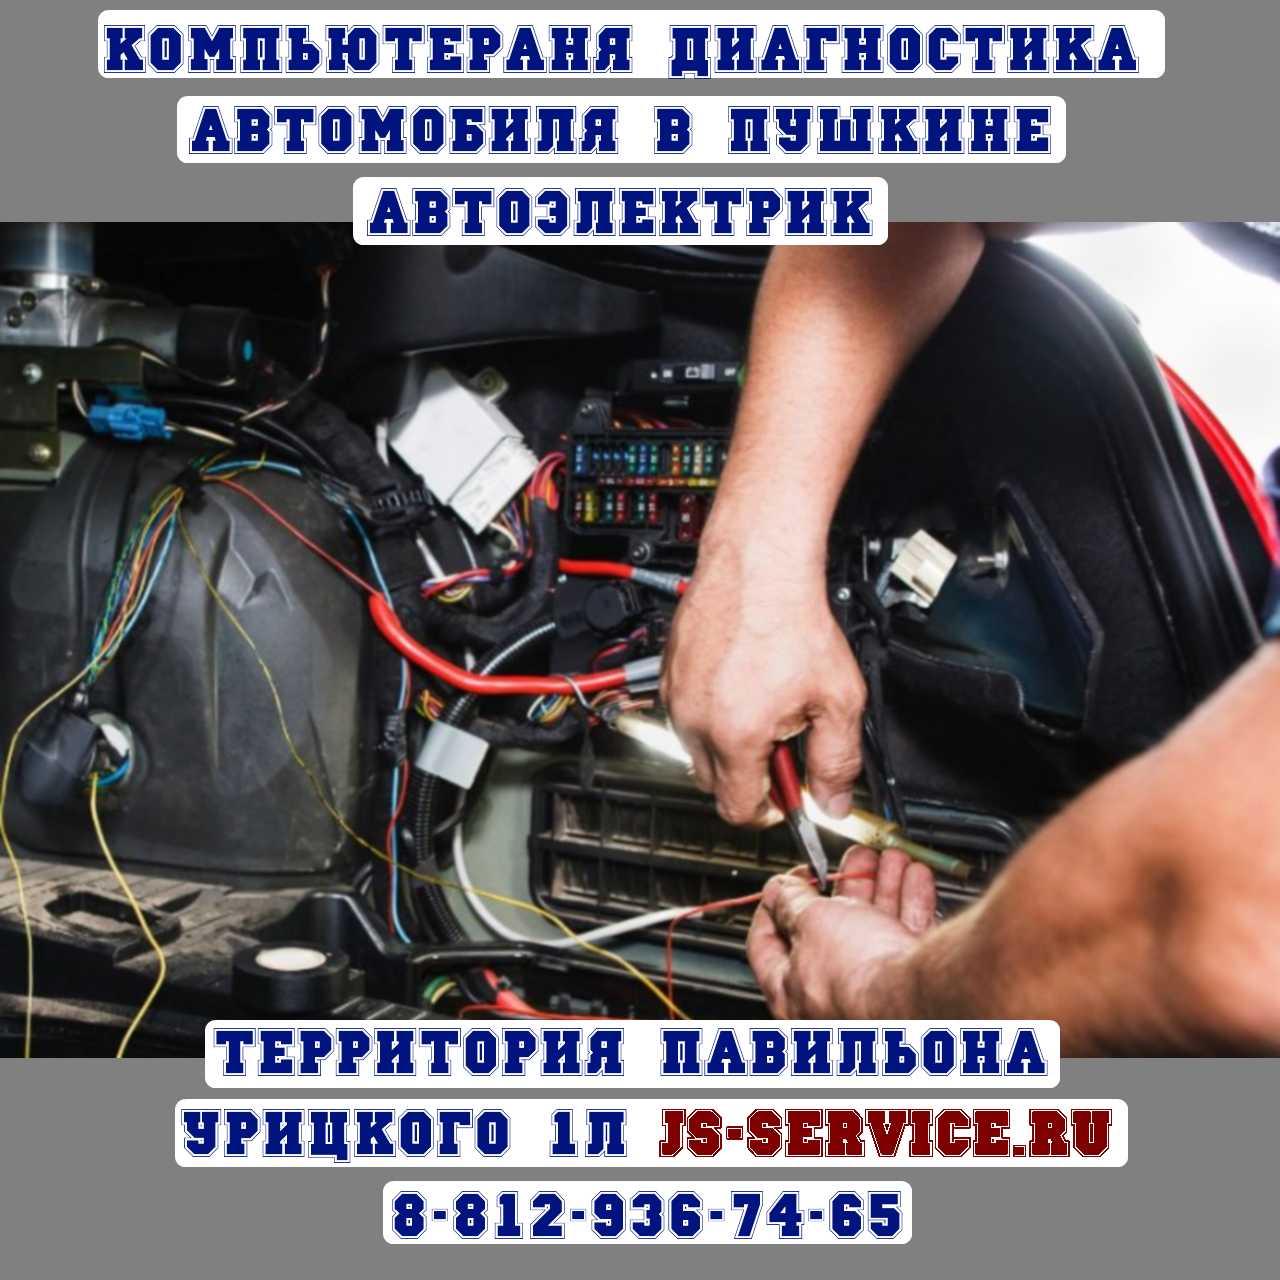 Автоэлектрик в Пушкине Компьютерная диагностика автомобиля JS-SERVICE.ru